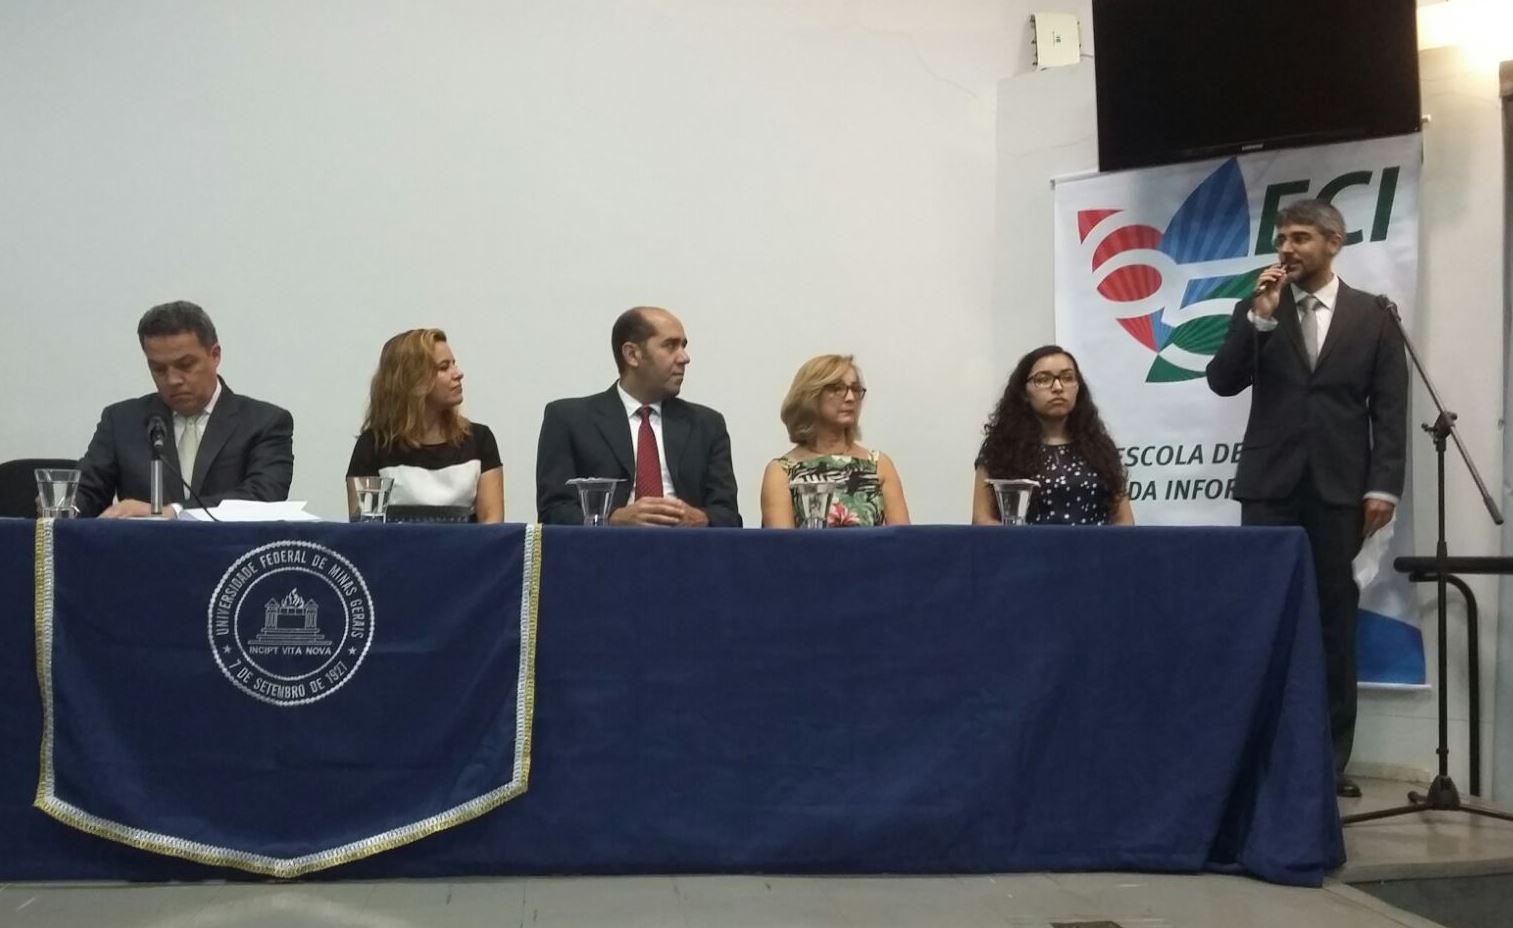 Evento na universidade contou com a presença de autoridades da área (Foto: Reprodução/Facebook)